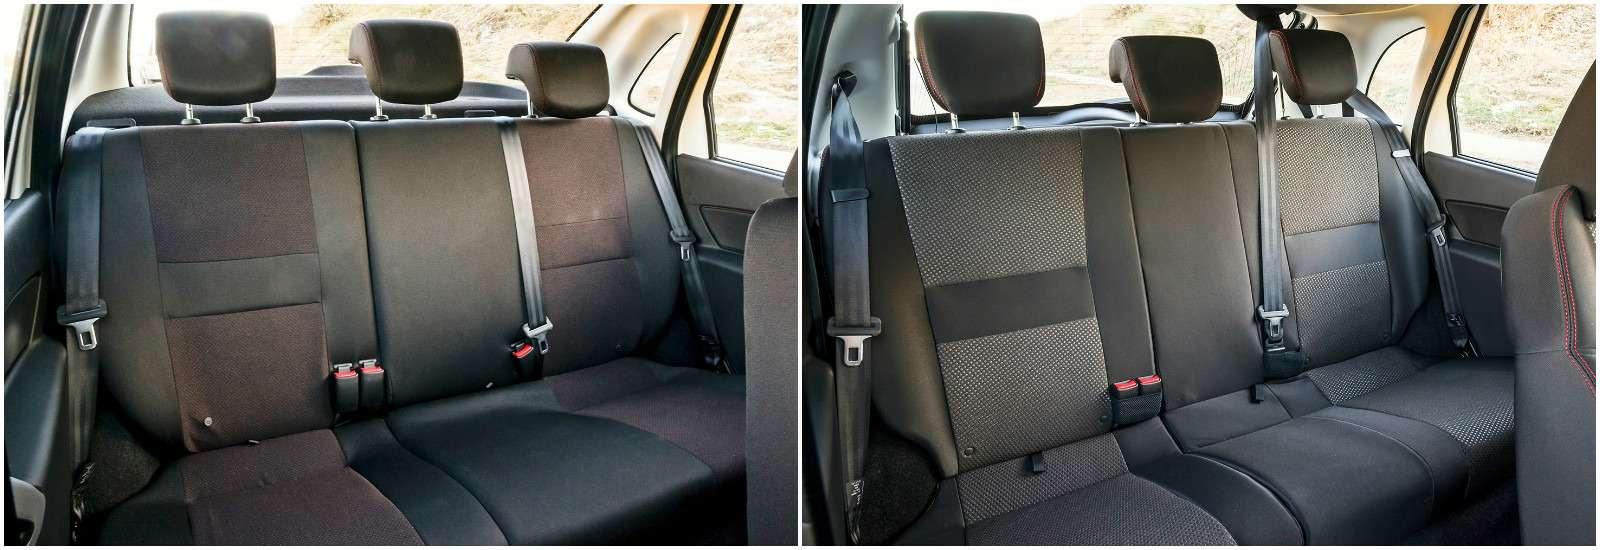 Lada Drive Active: горячие Гранта иКалина— фото 685749